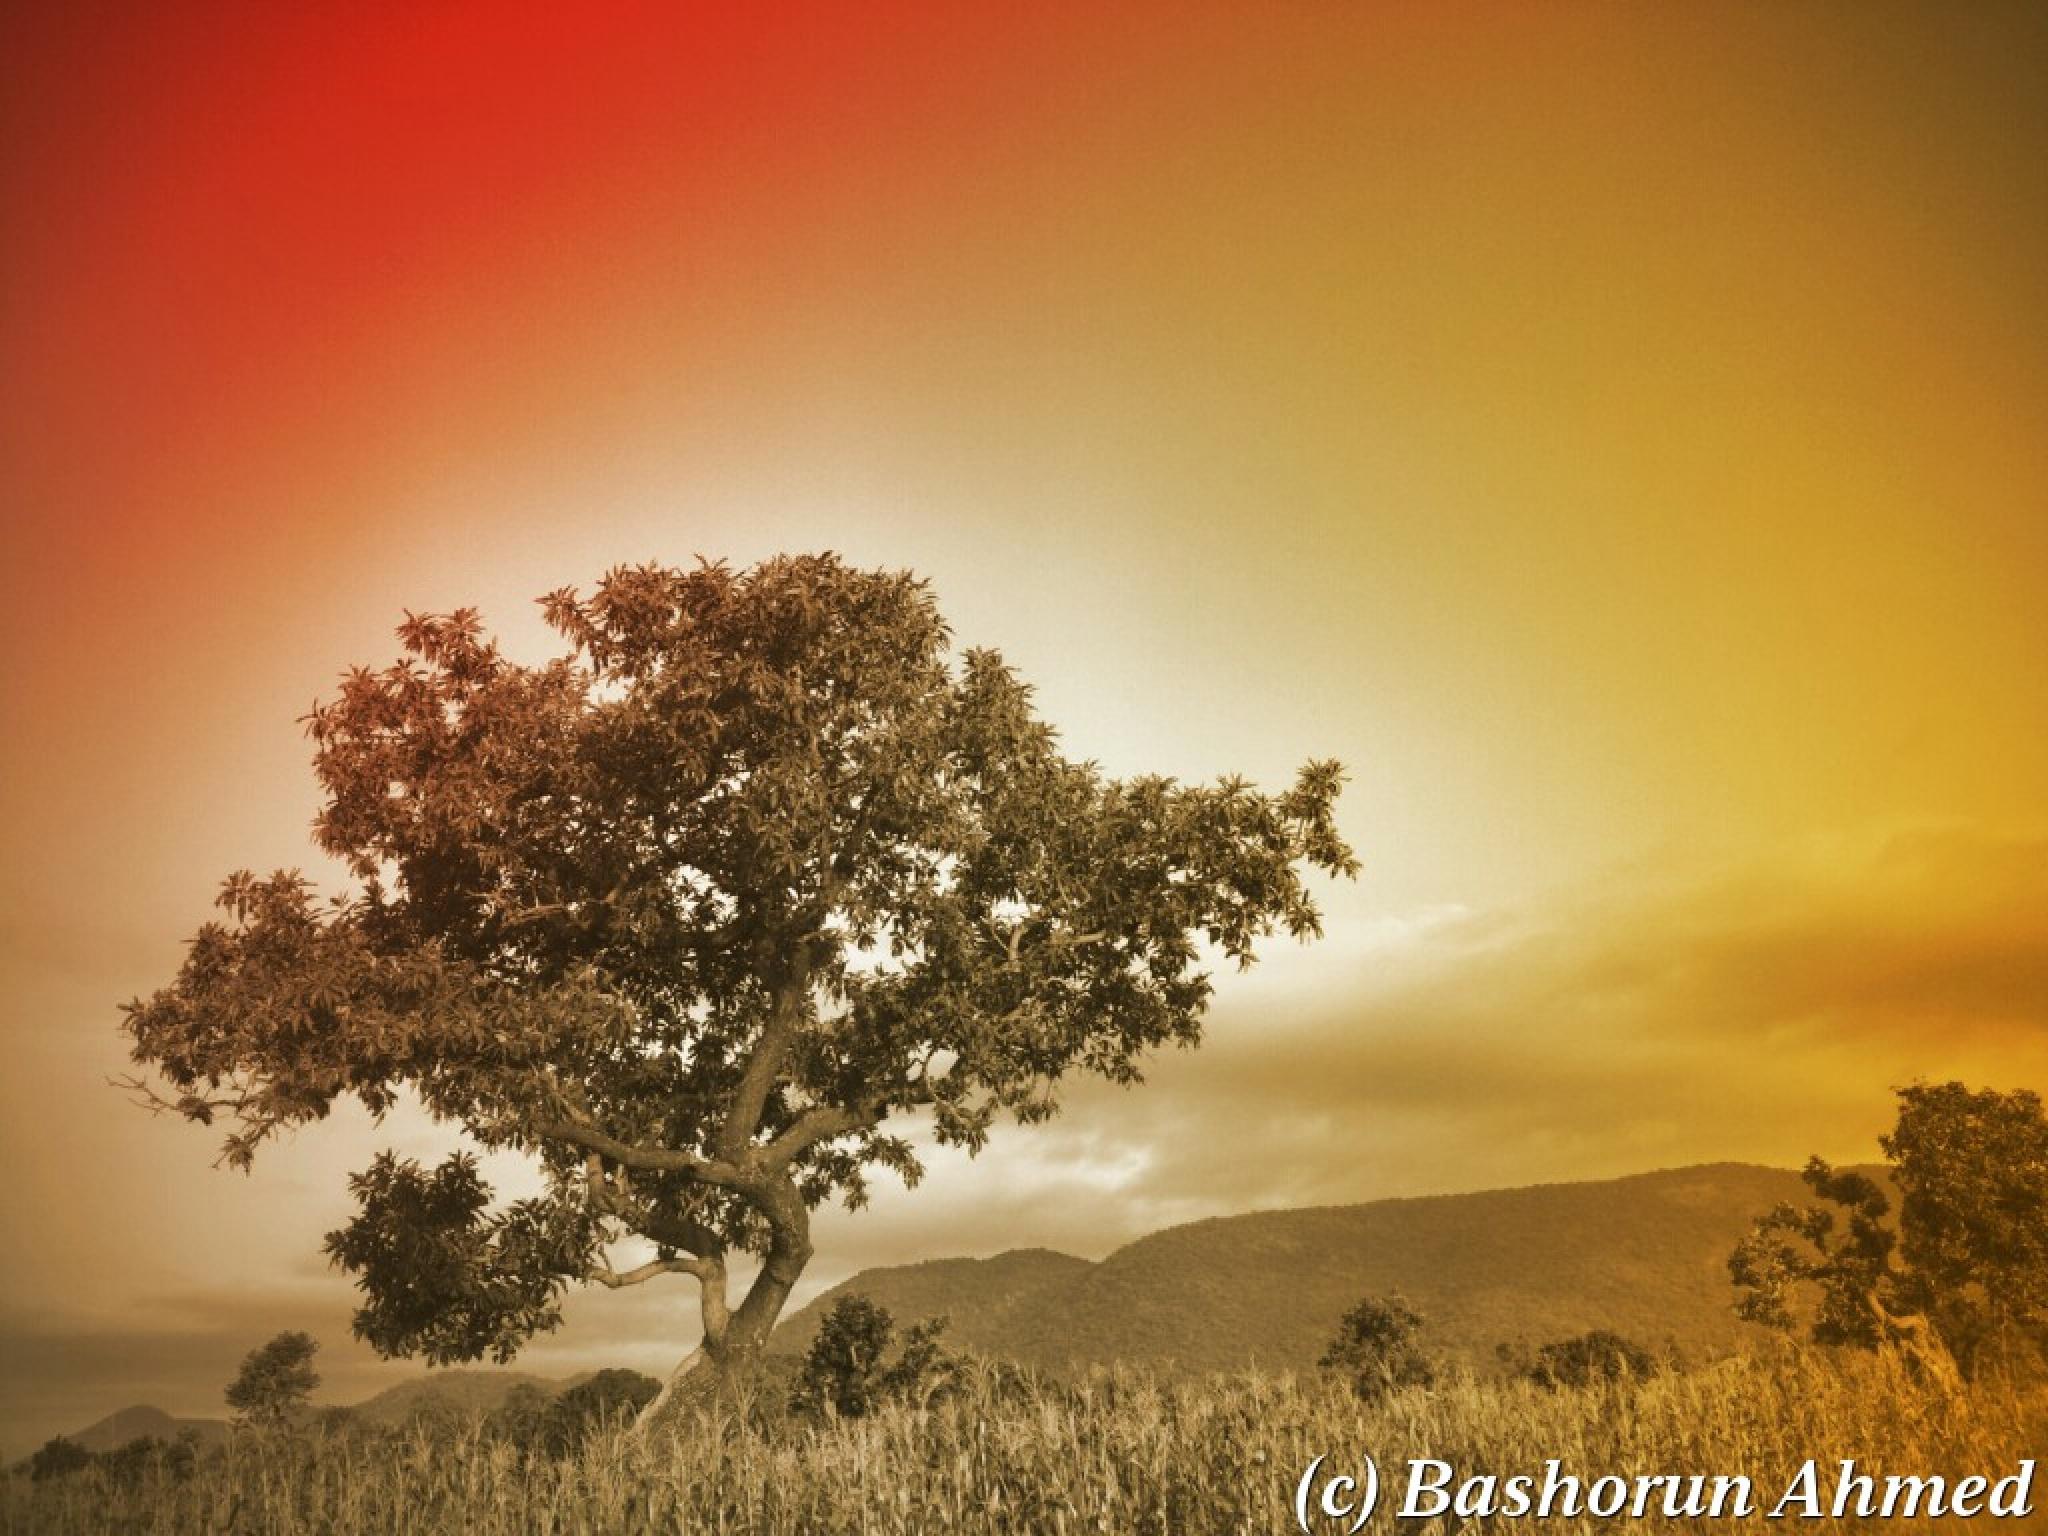 The Tree by Bashorun Ahmed